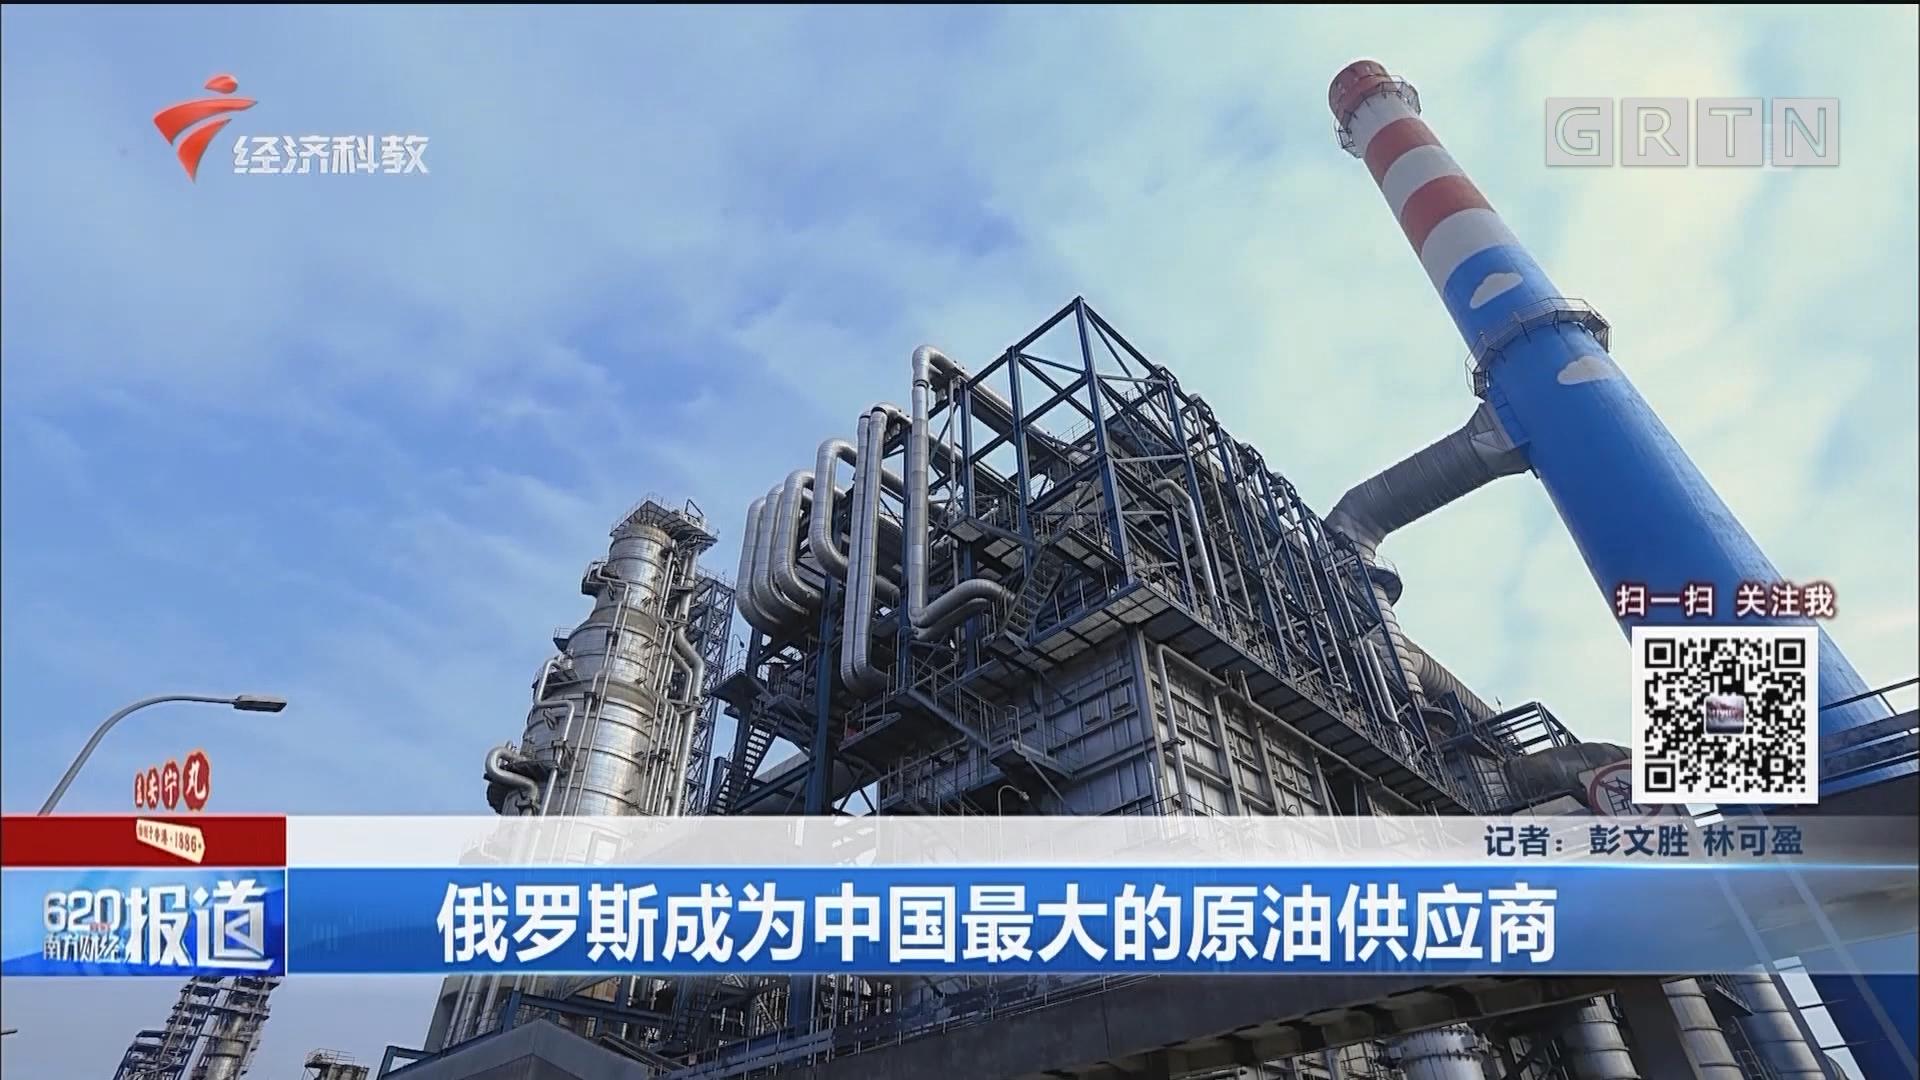 俄罗斯成为中国最大的原油供应商